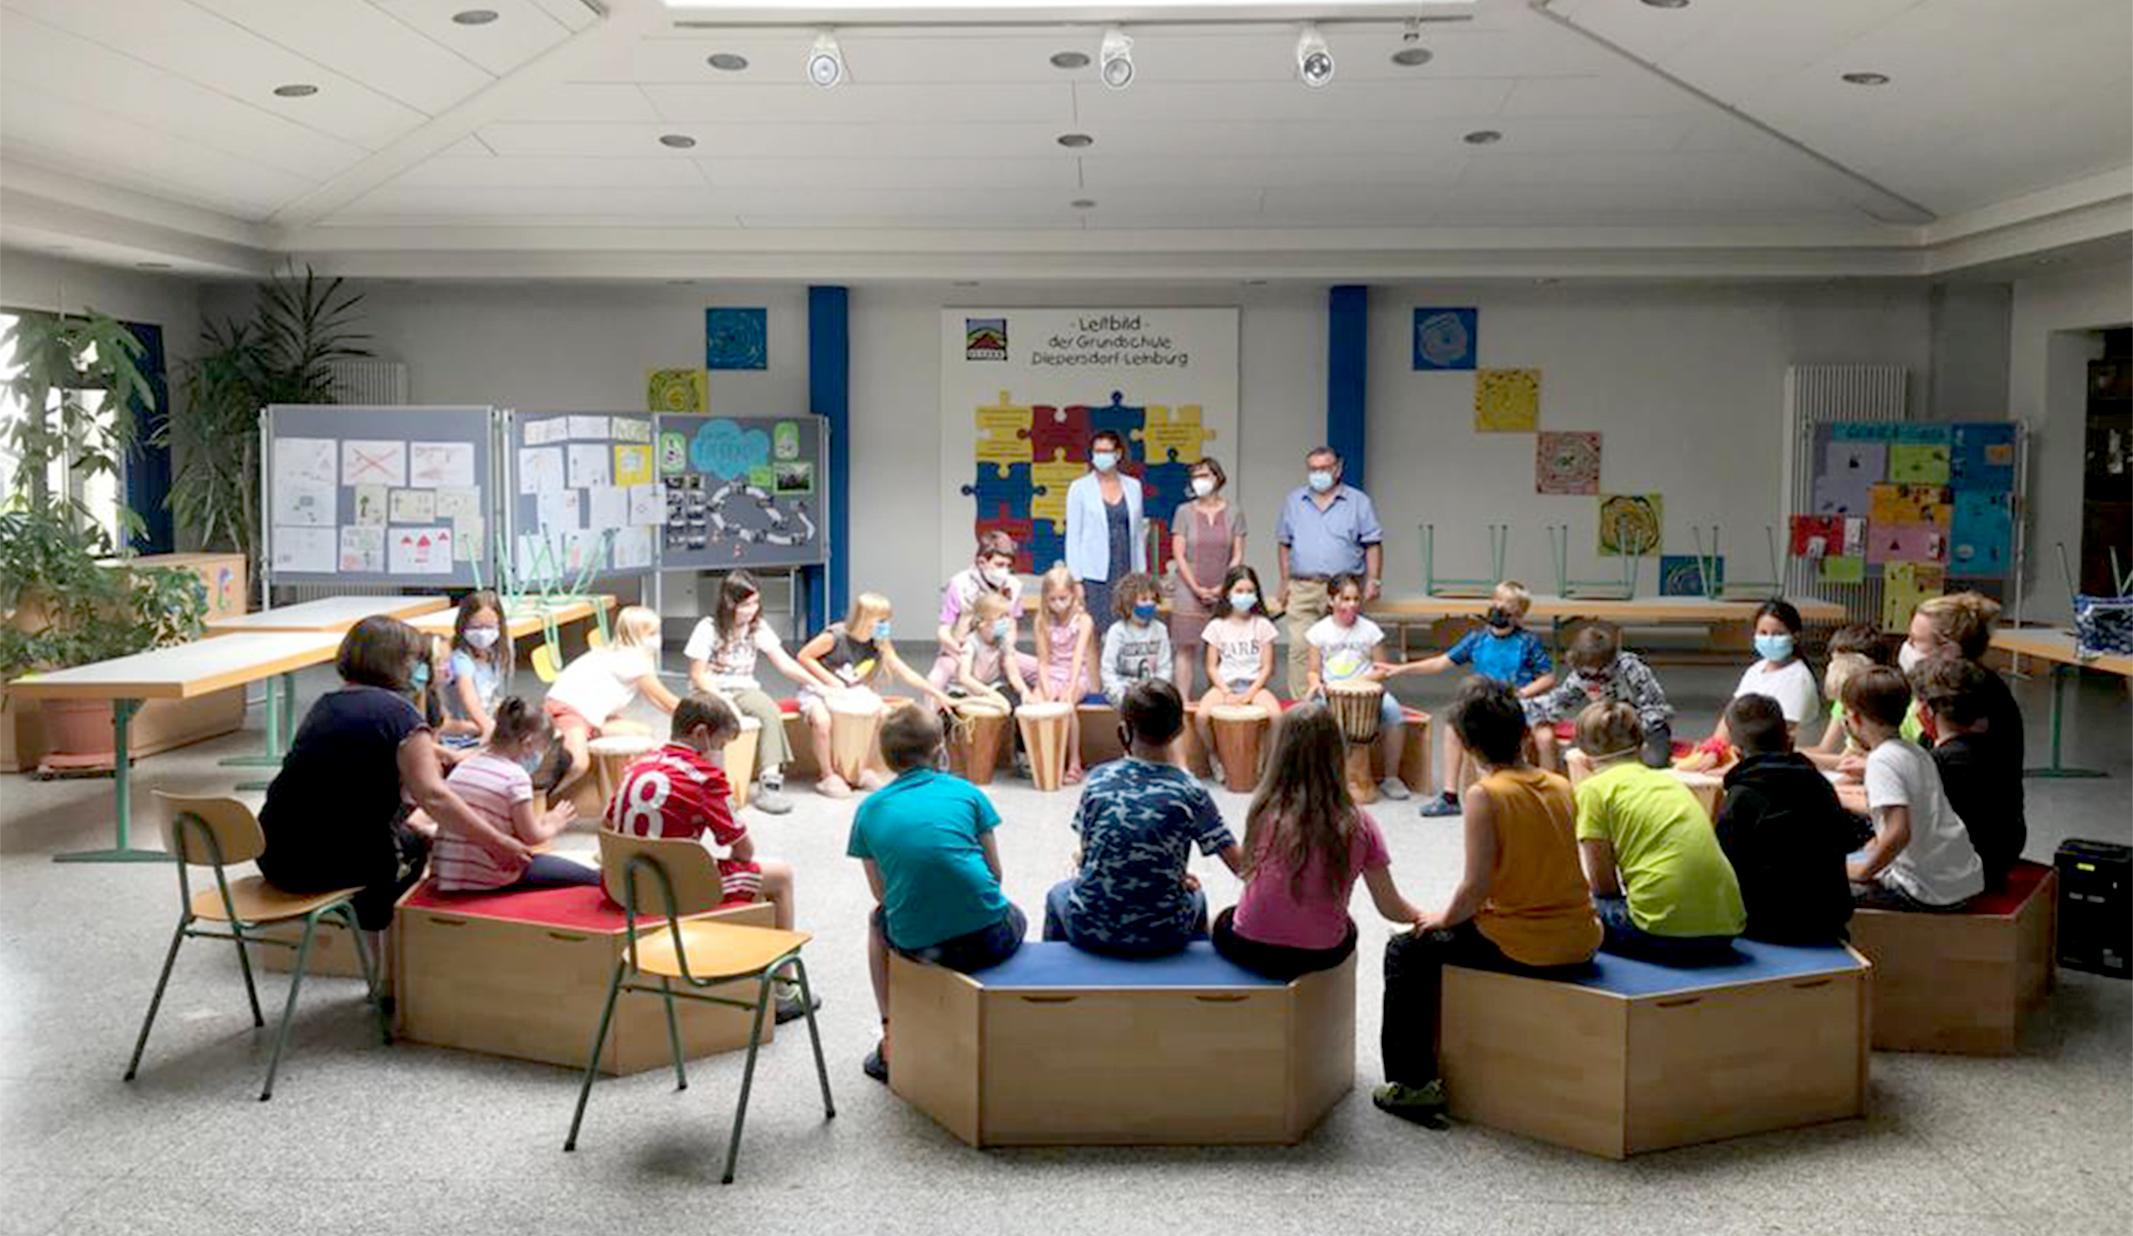 """Mit dem beliebten Bewegungslied """"So A Schöner Tag"""" bedankten sich die Lehrerinnen und alle Schüler*innen gegenüber Gerhard John musikalisch für die leckere Eis-Spende. (Foto: Ulla Müller)"""